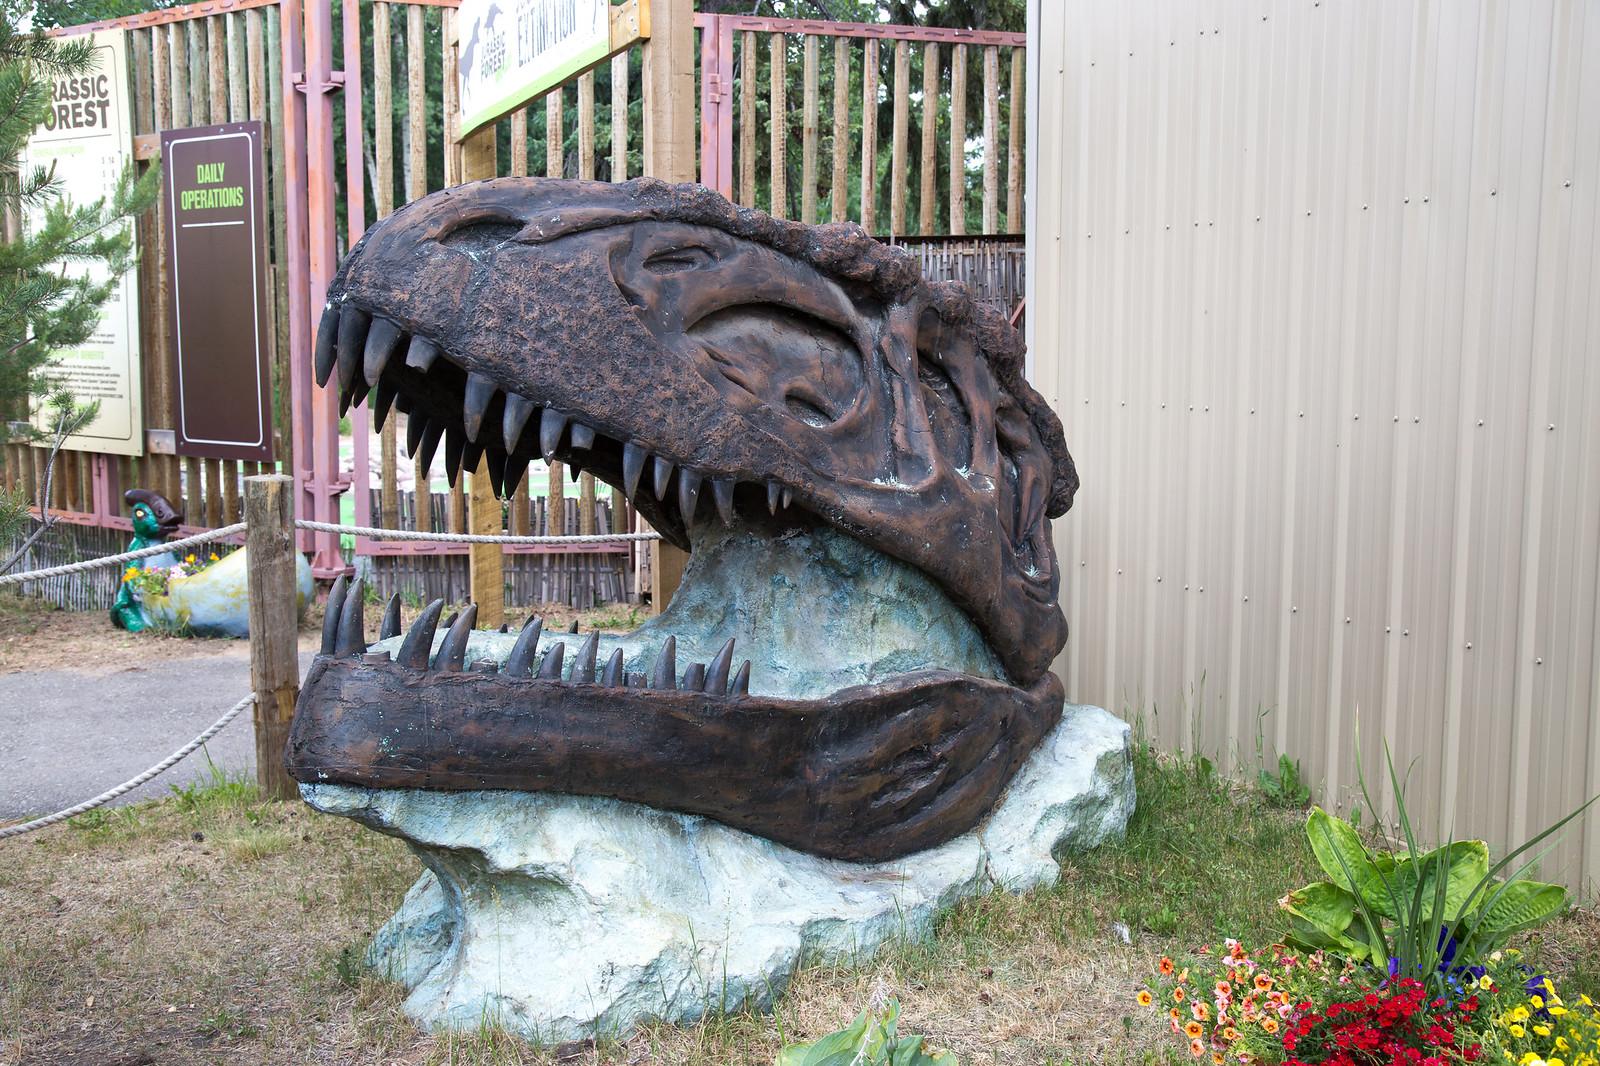 2015-06-19 Jurassic Forest-8911.jpg